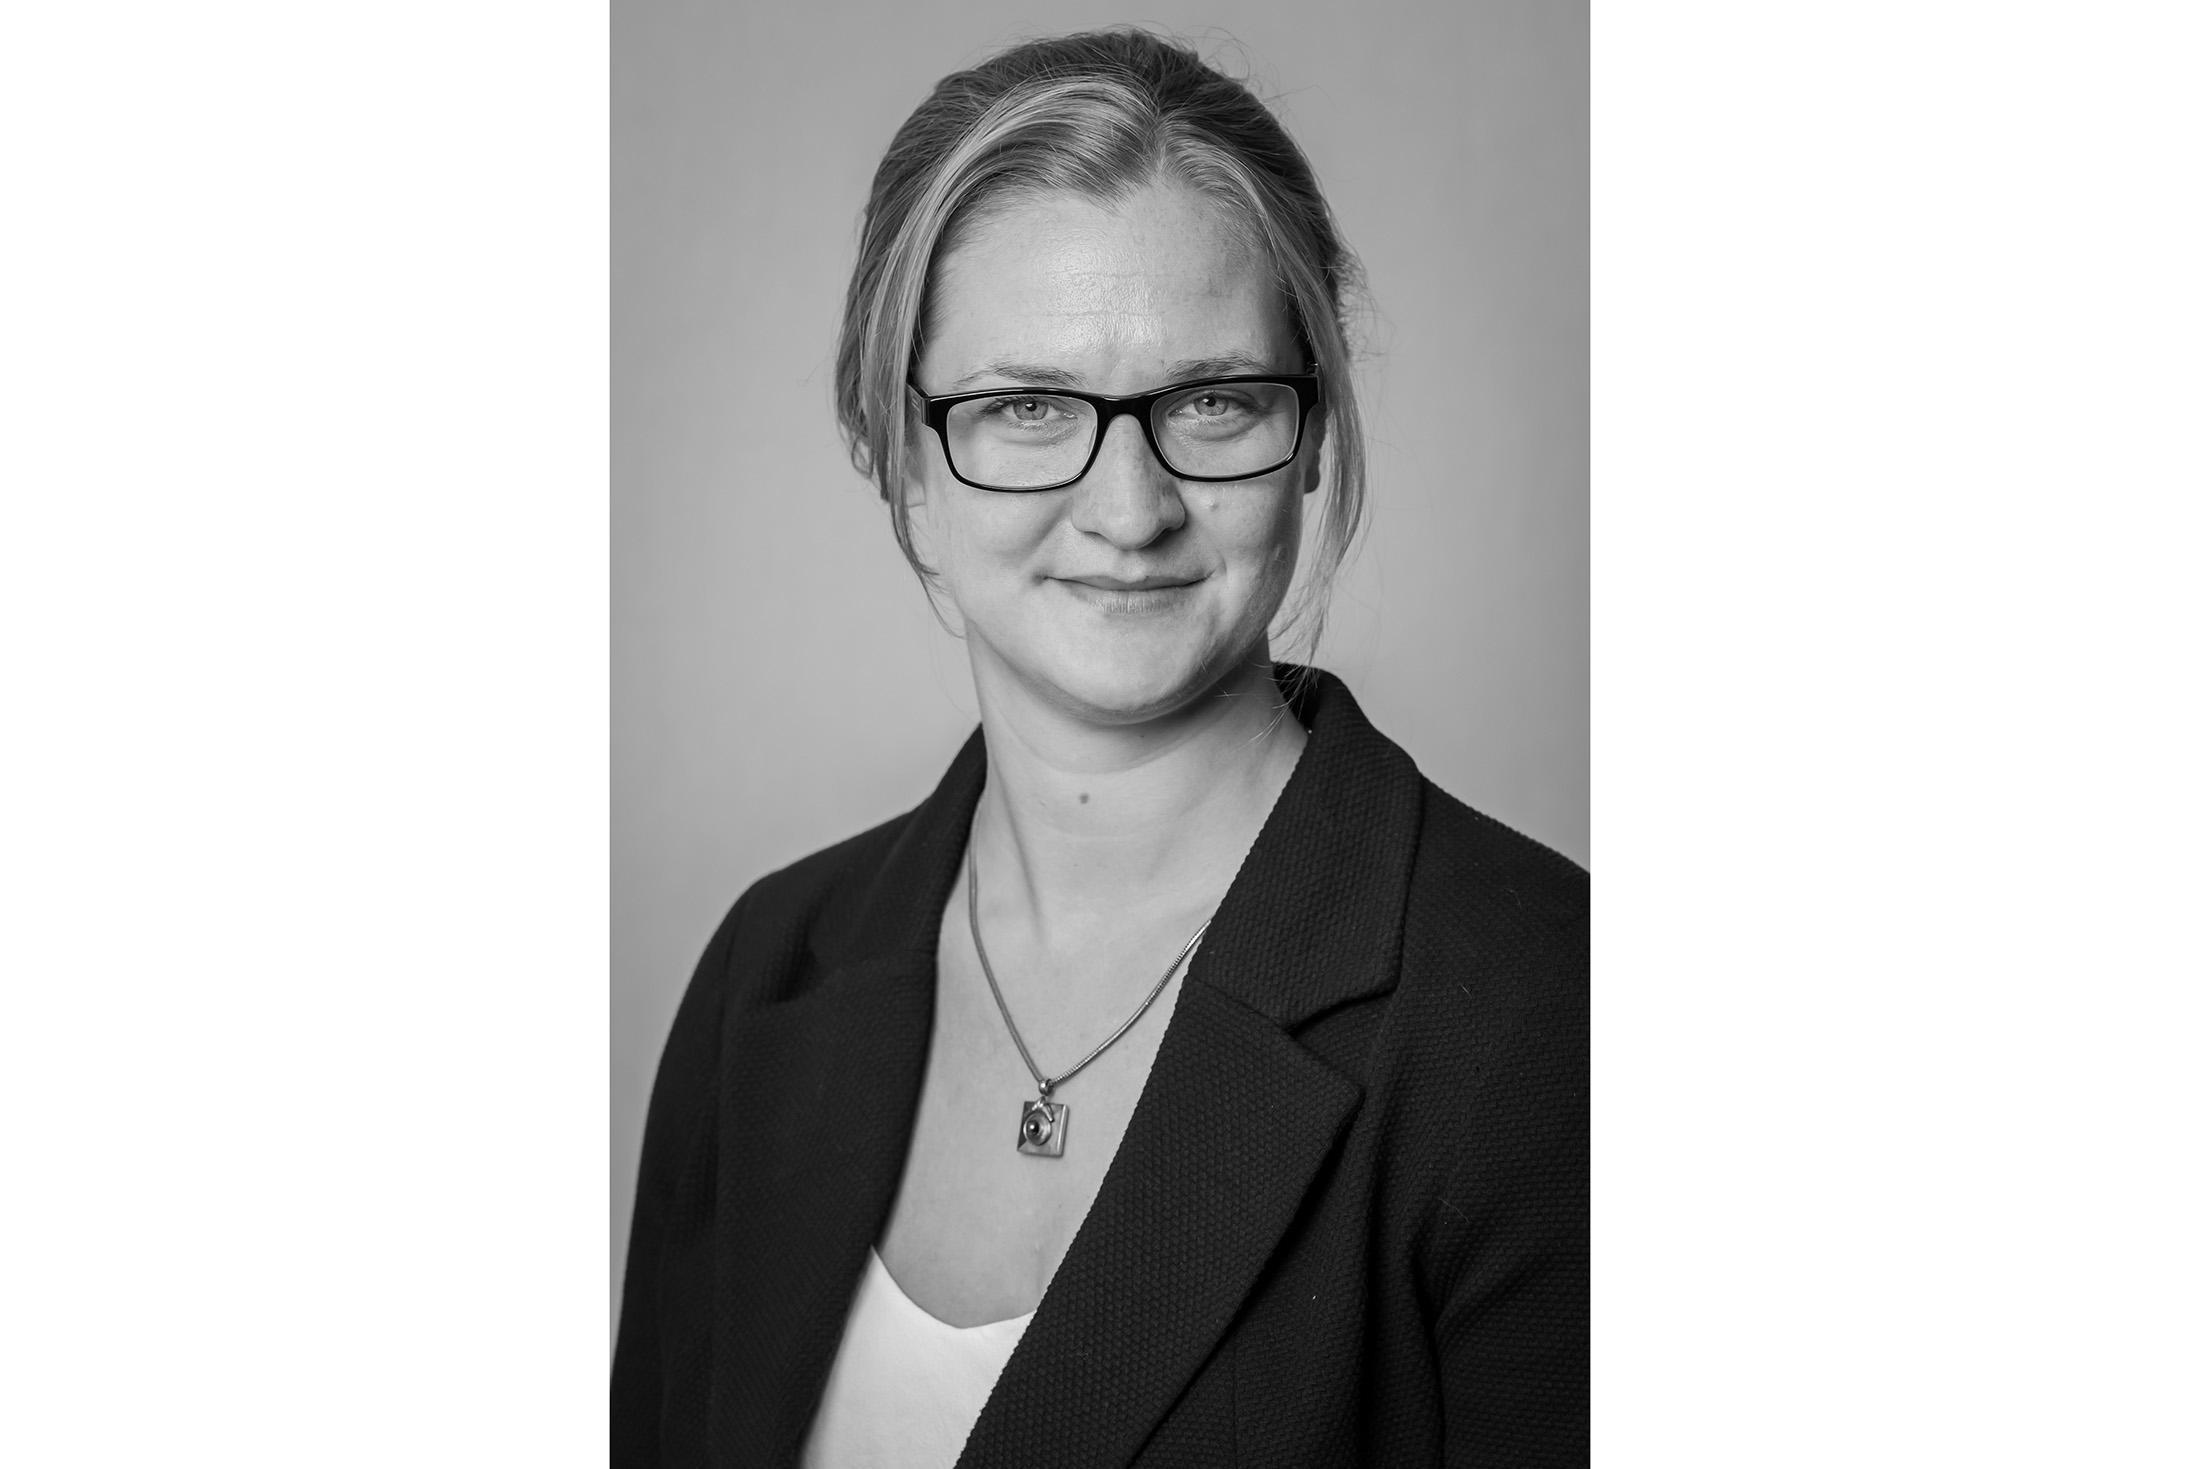 profile picture in black and white